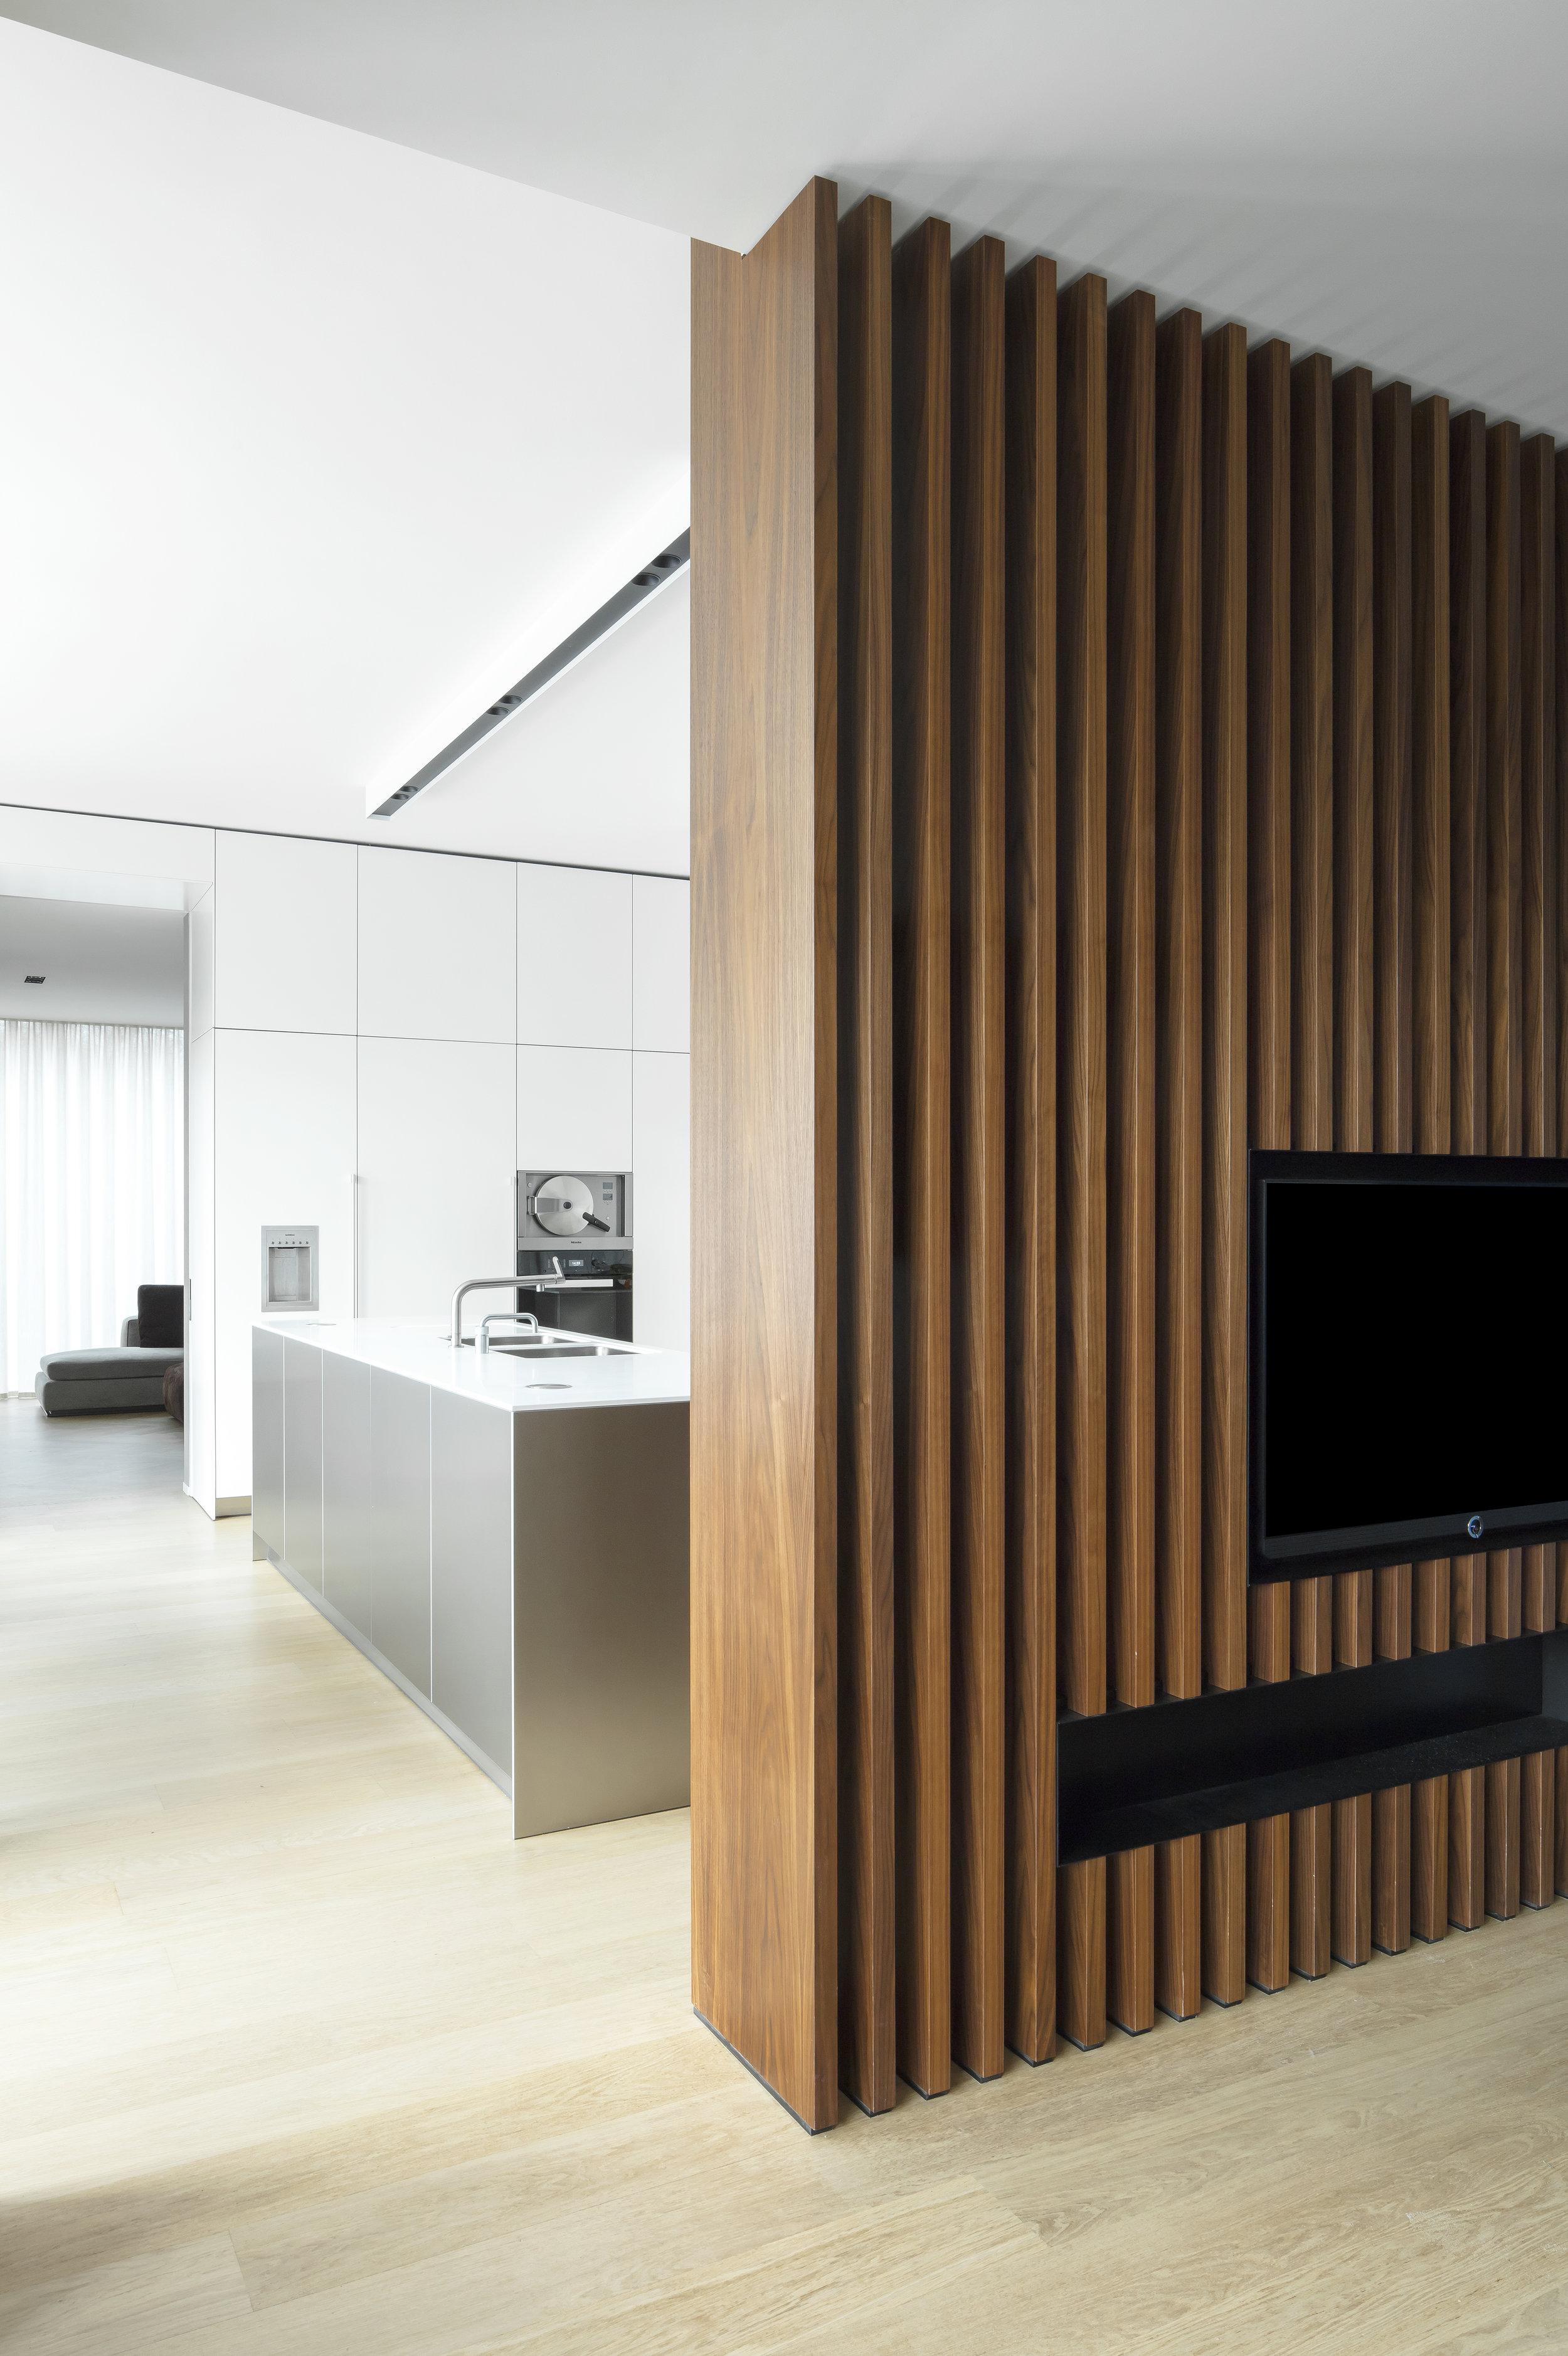 demeestervliegen-architecture-interior-interiorarchitecture-office3.jpg